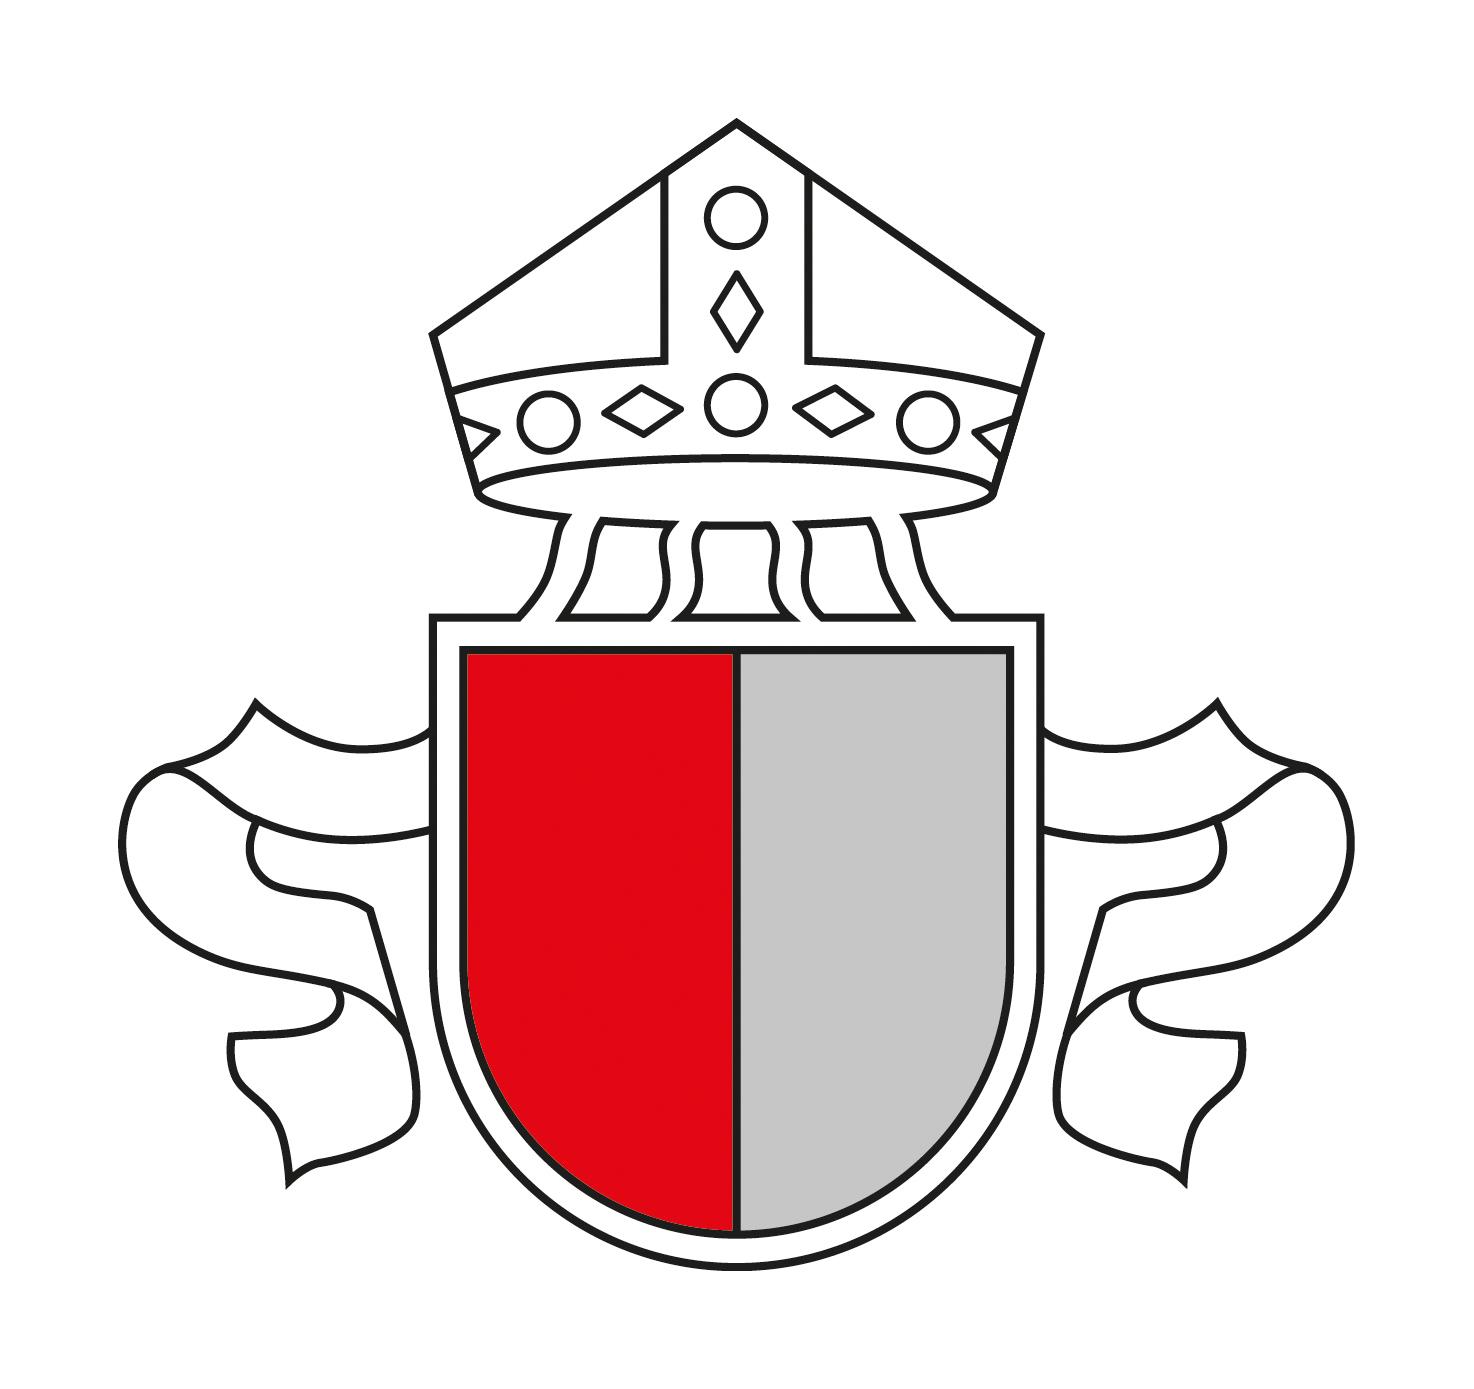 Bischofssynode zu Ehe und Familie: Alle Katholiken im Bistum werden in das Erhebungsverfahren einbezogen